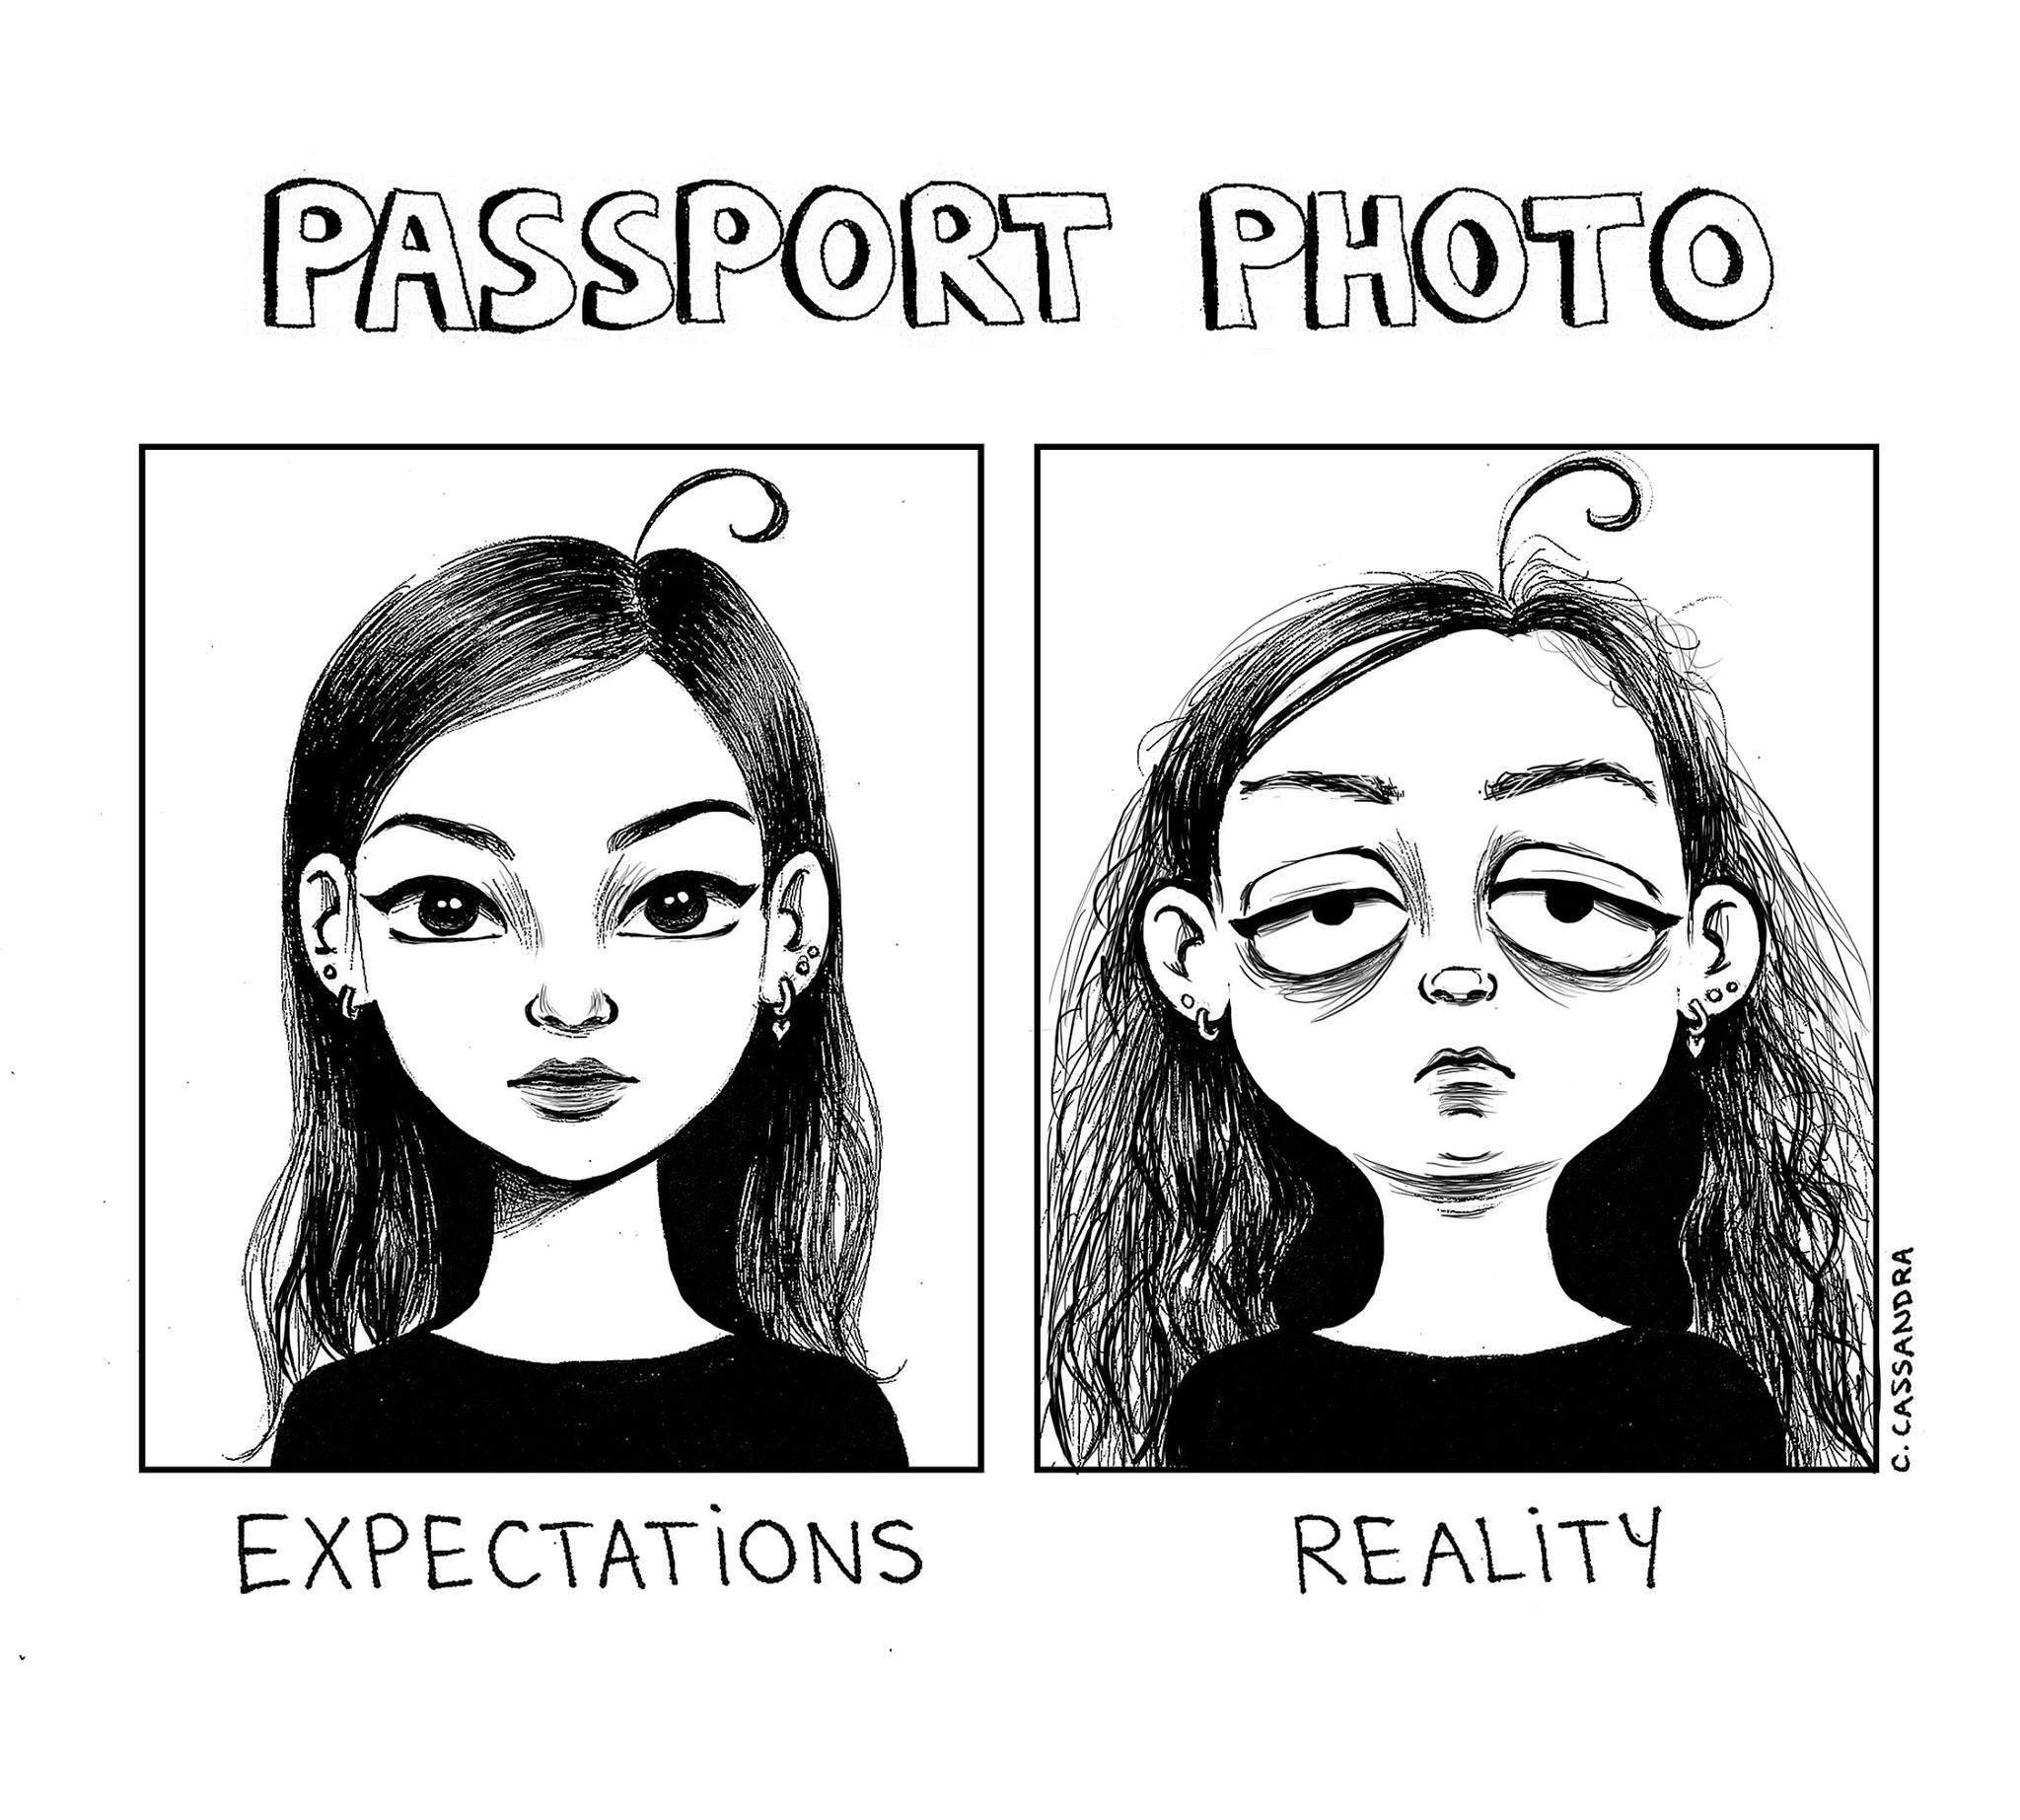 imagenes chistosas nuevas 2016 - foto de pasaporte